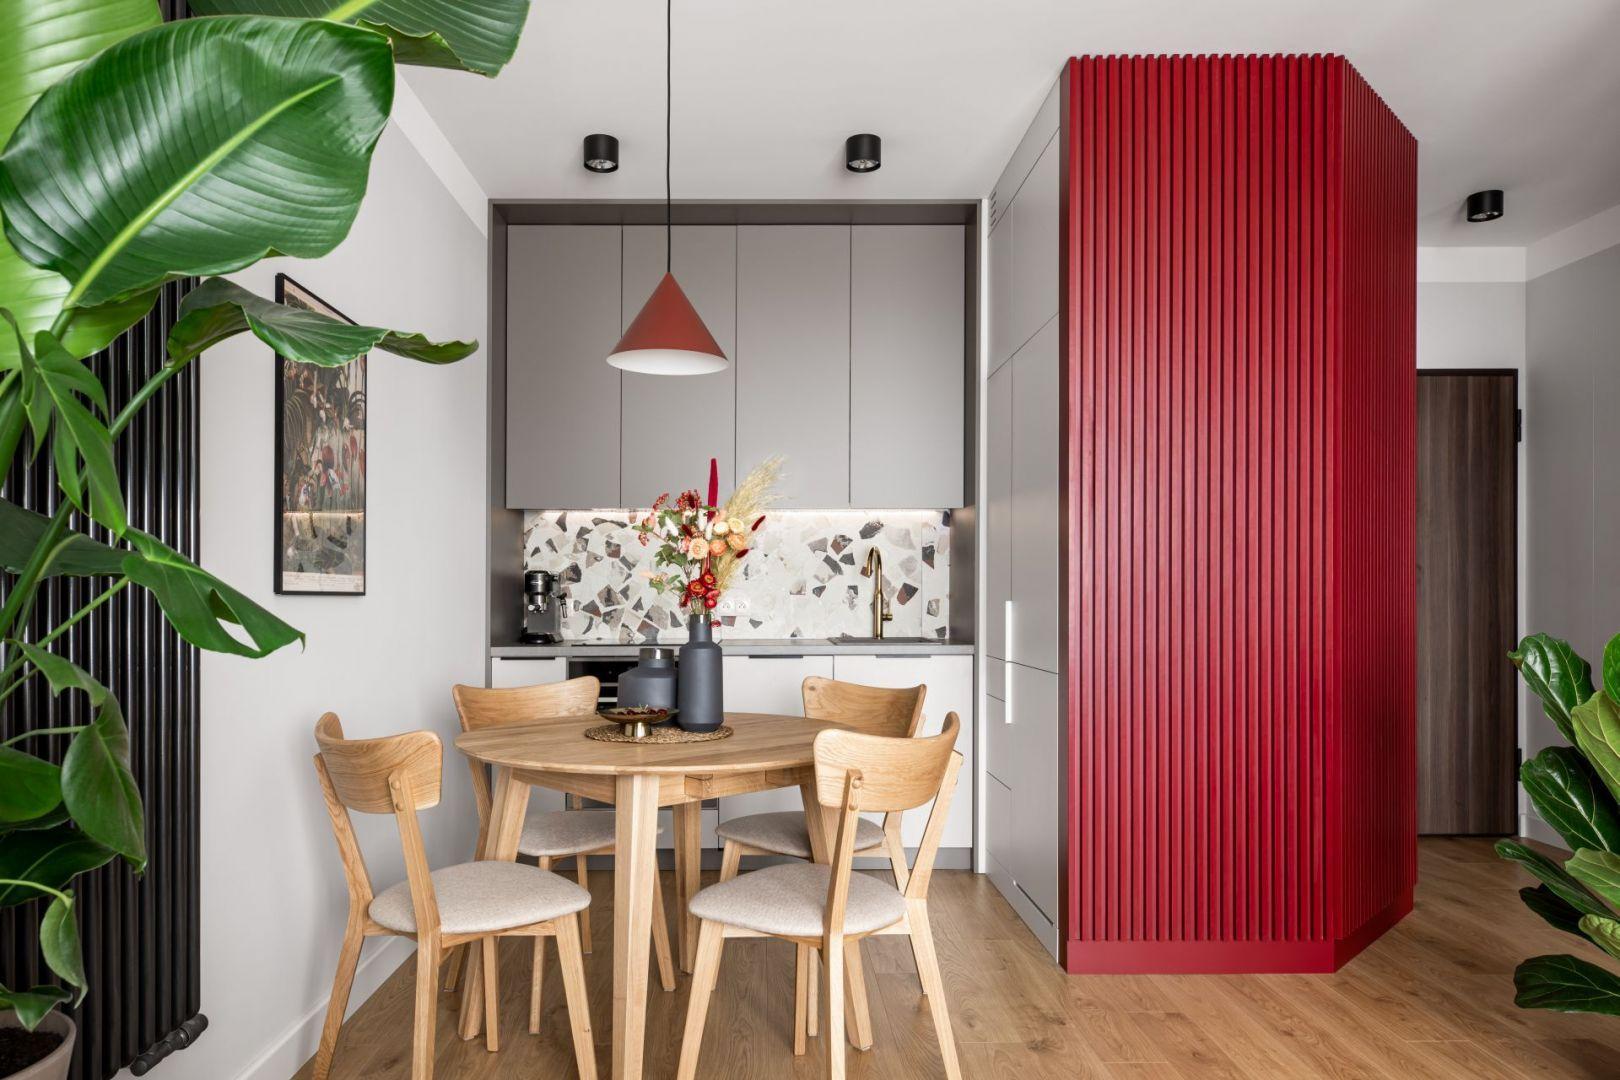 Malutki, ale funkcjonalny aneks kuchenny w bloku. Projekt: Maria Nielubszyc, pracownia PURA design. Fot. Jakub Nanowski